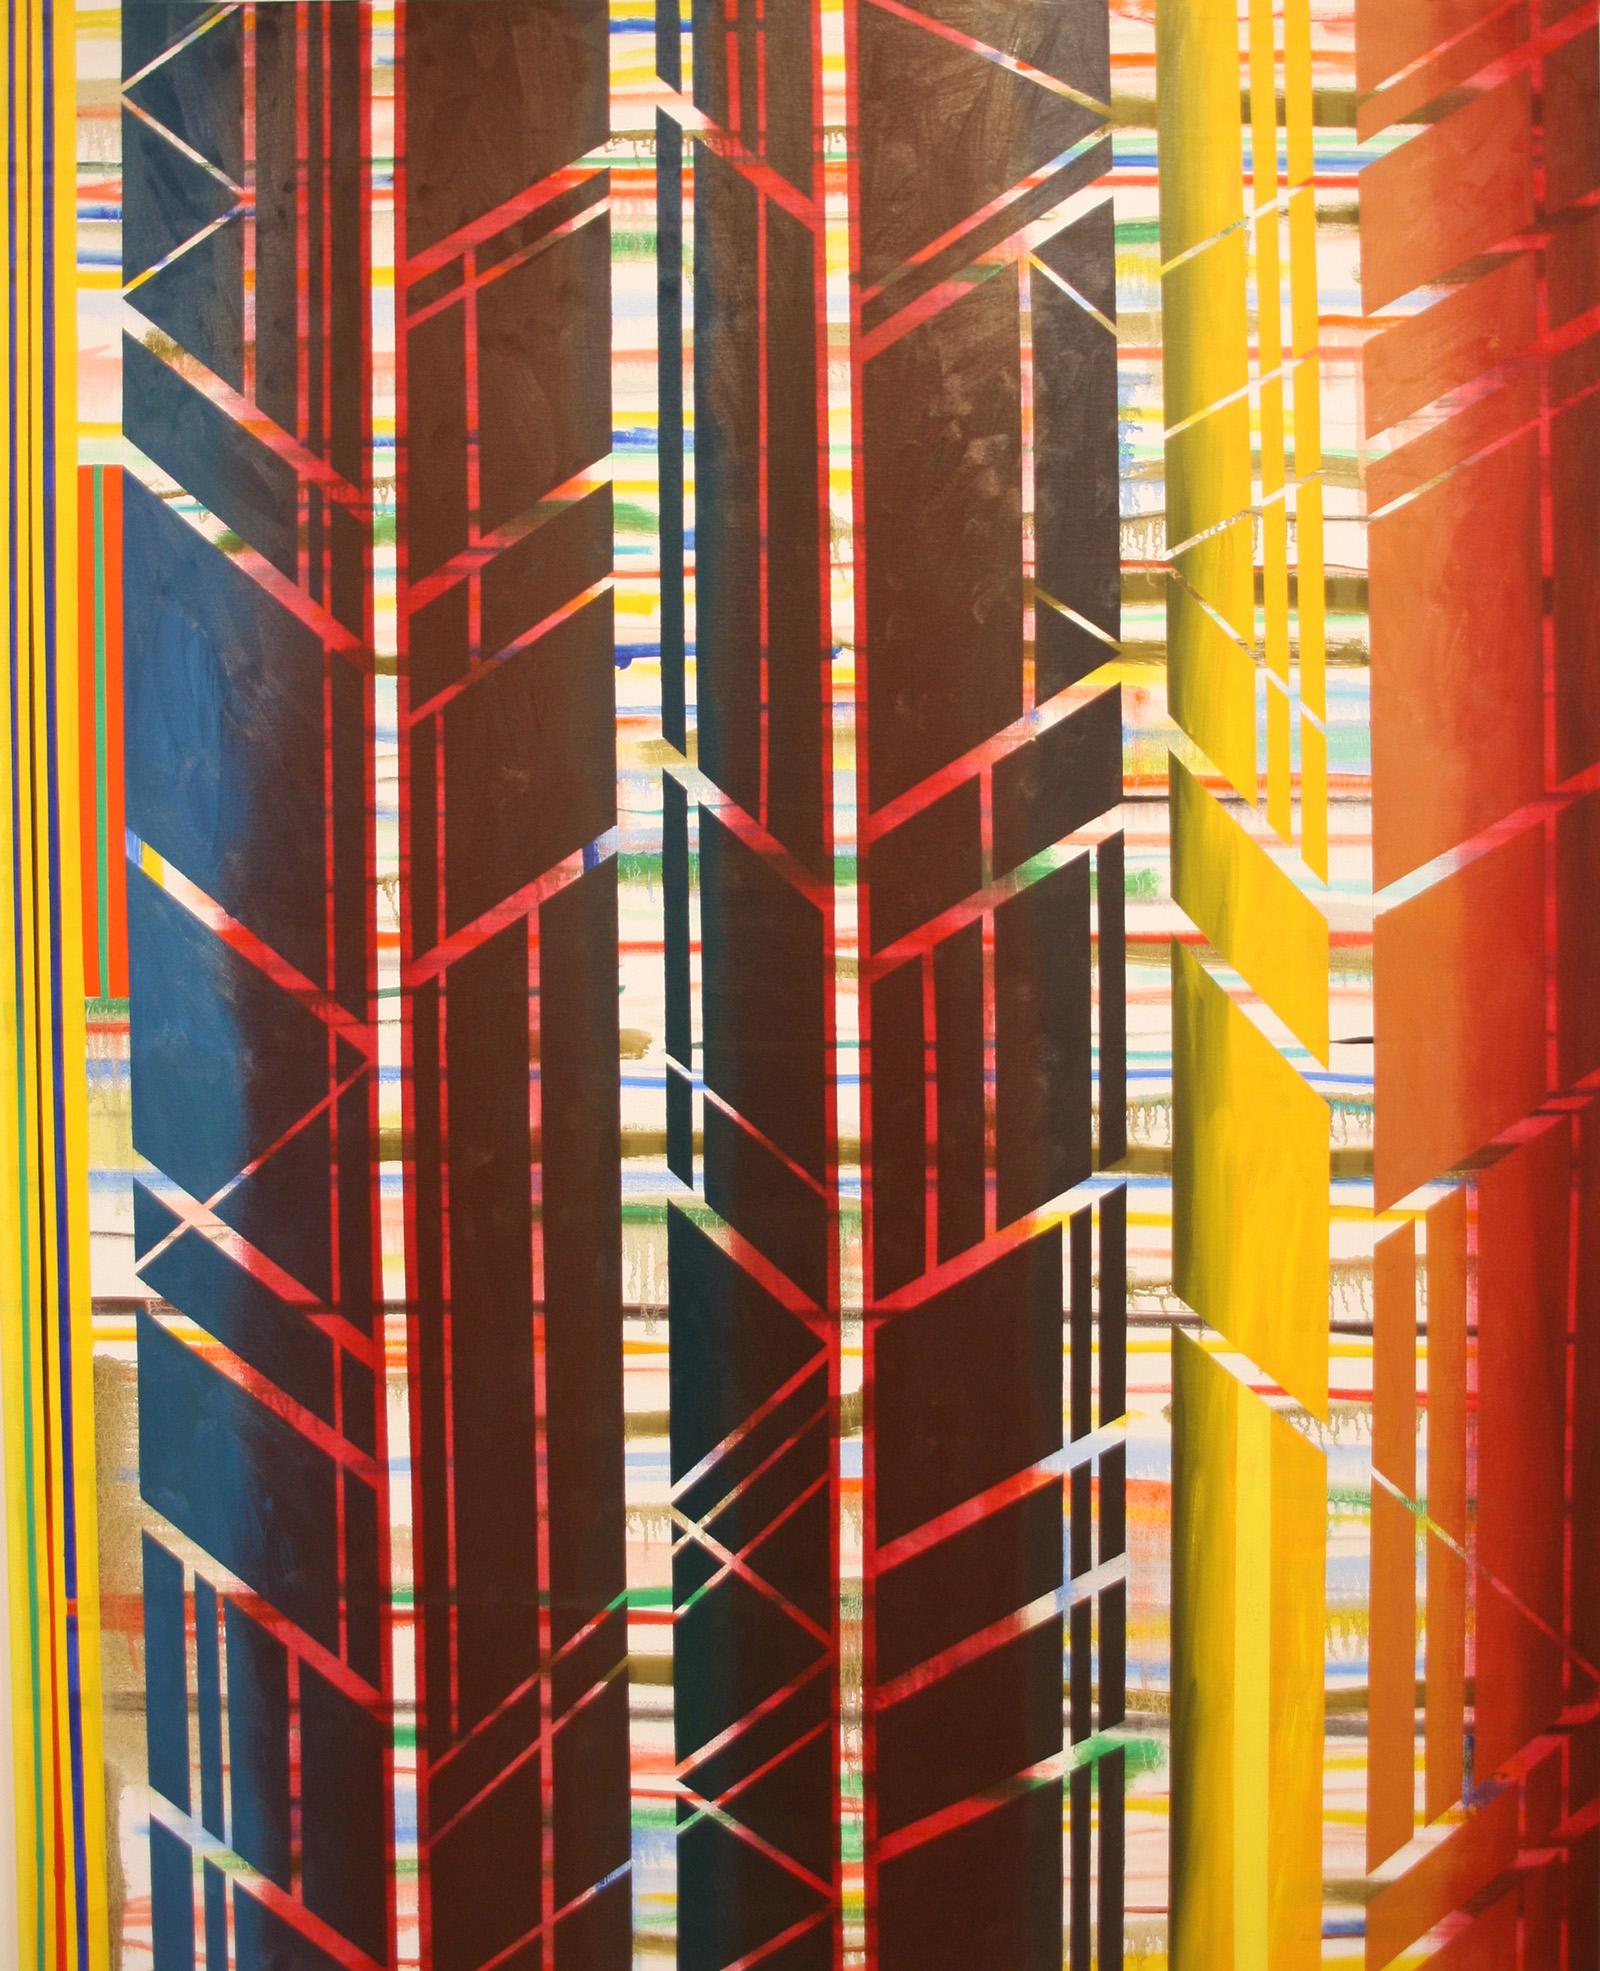 Geom 5 -oil on canvas 162 x 130 cm- 2016 Miquel Gelabert